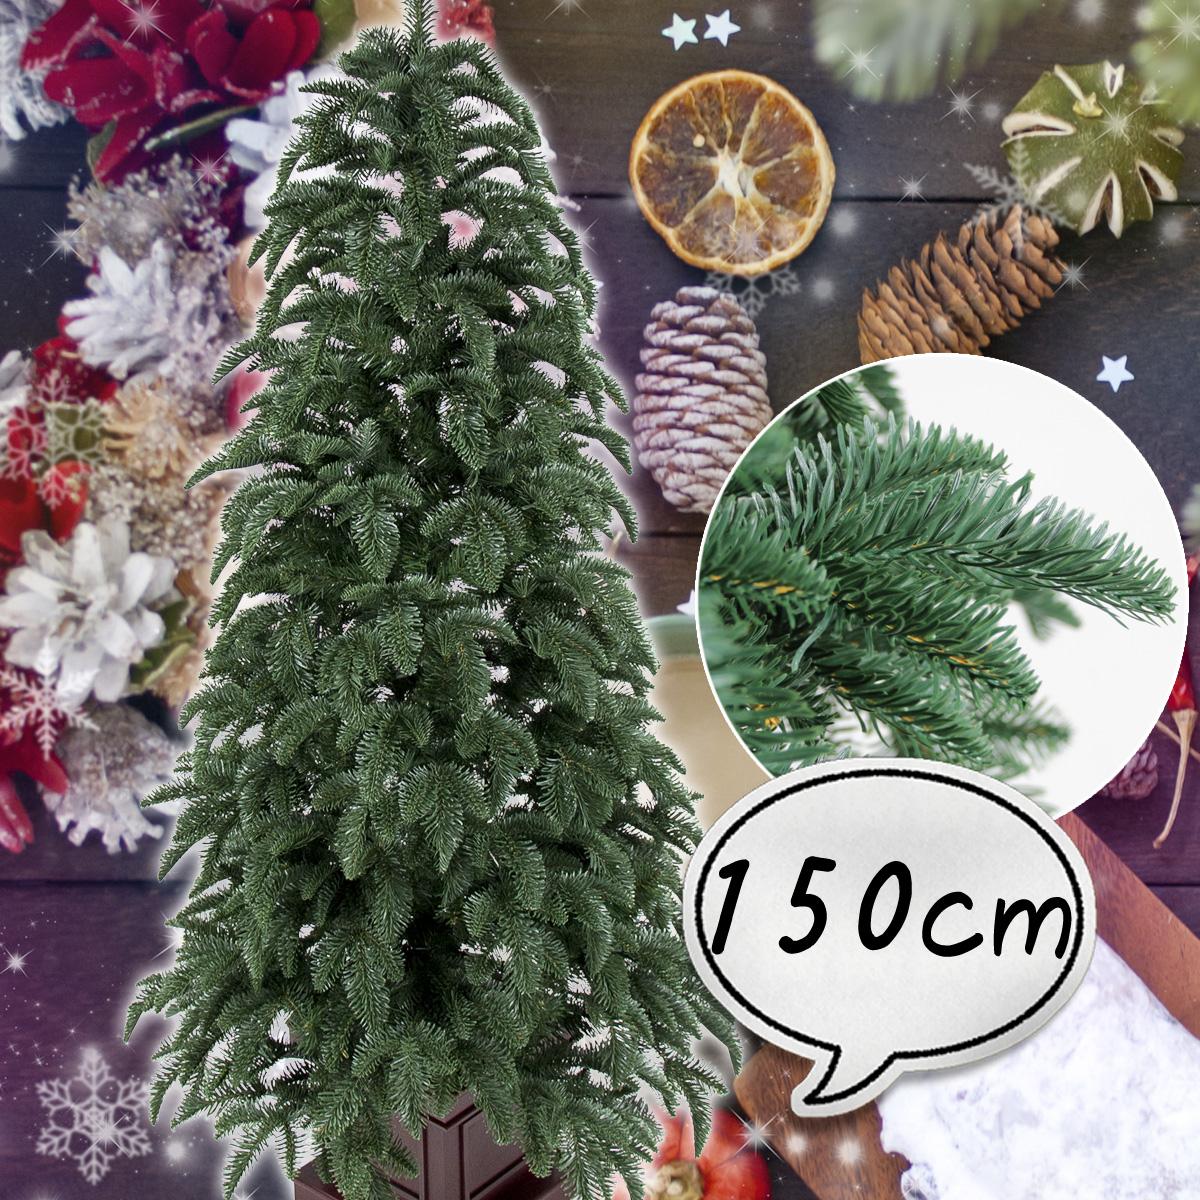 クリスマスツリー 150cm リアルスプルースツリー 木製ポット ポットツリー 木 葉は本物のような肉厚 北欧 おしゃれ ウッドベース